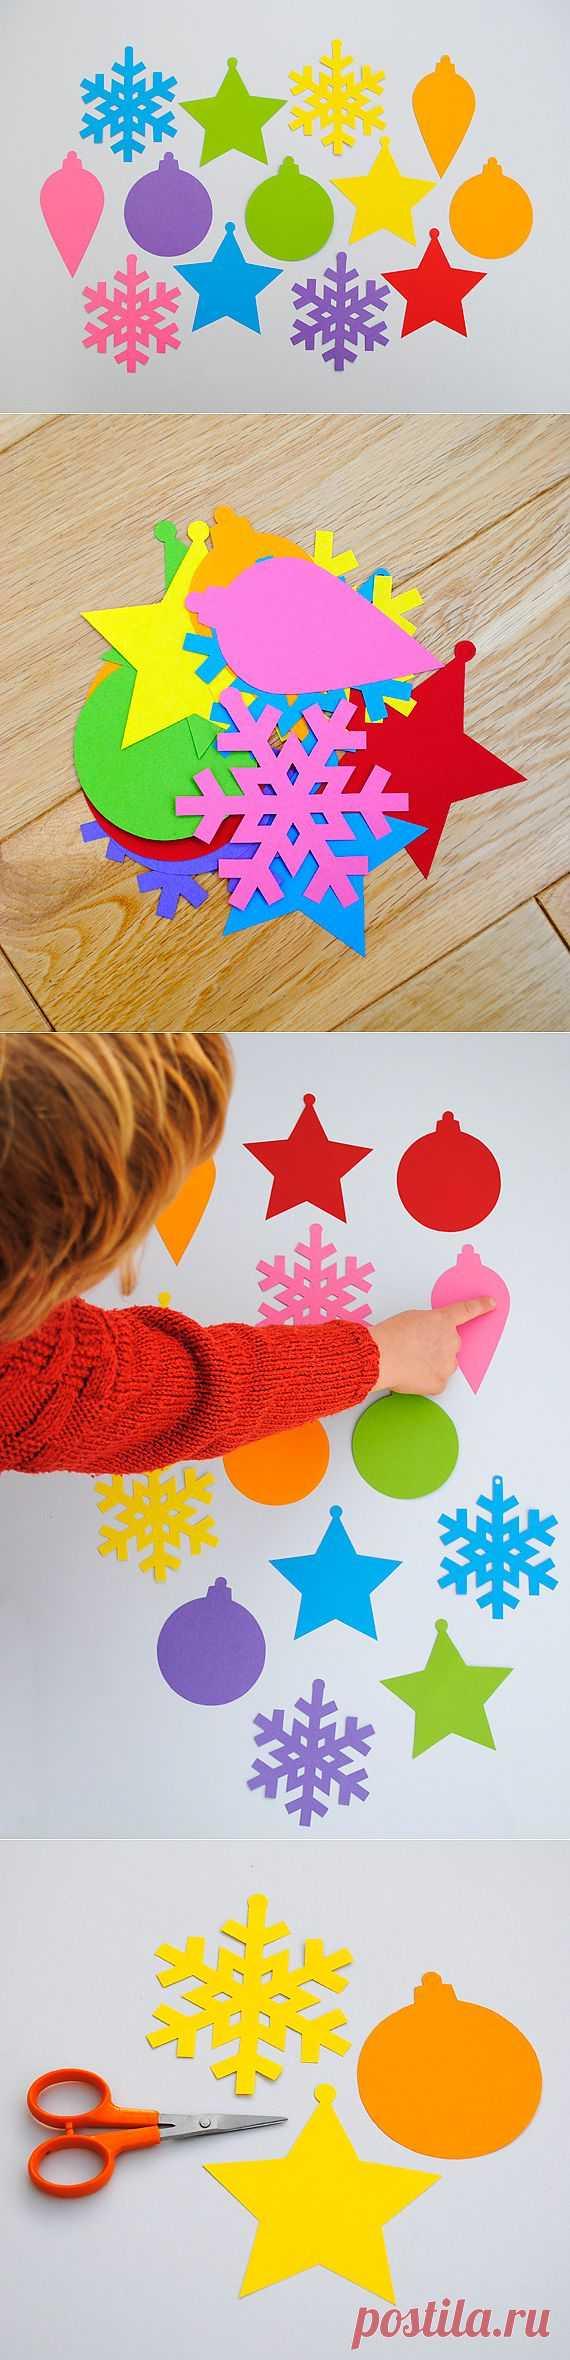 Простые украшения елочные для детей (+ шаблоны) | Мини-эко